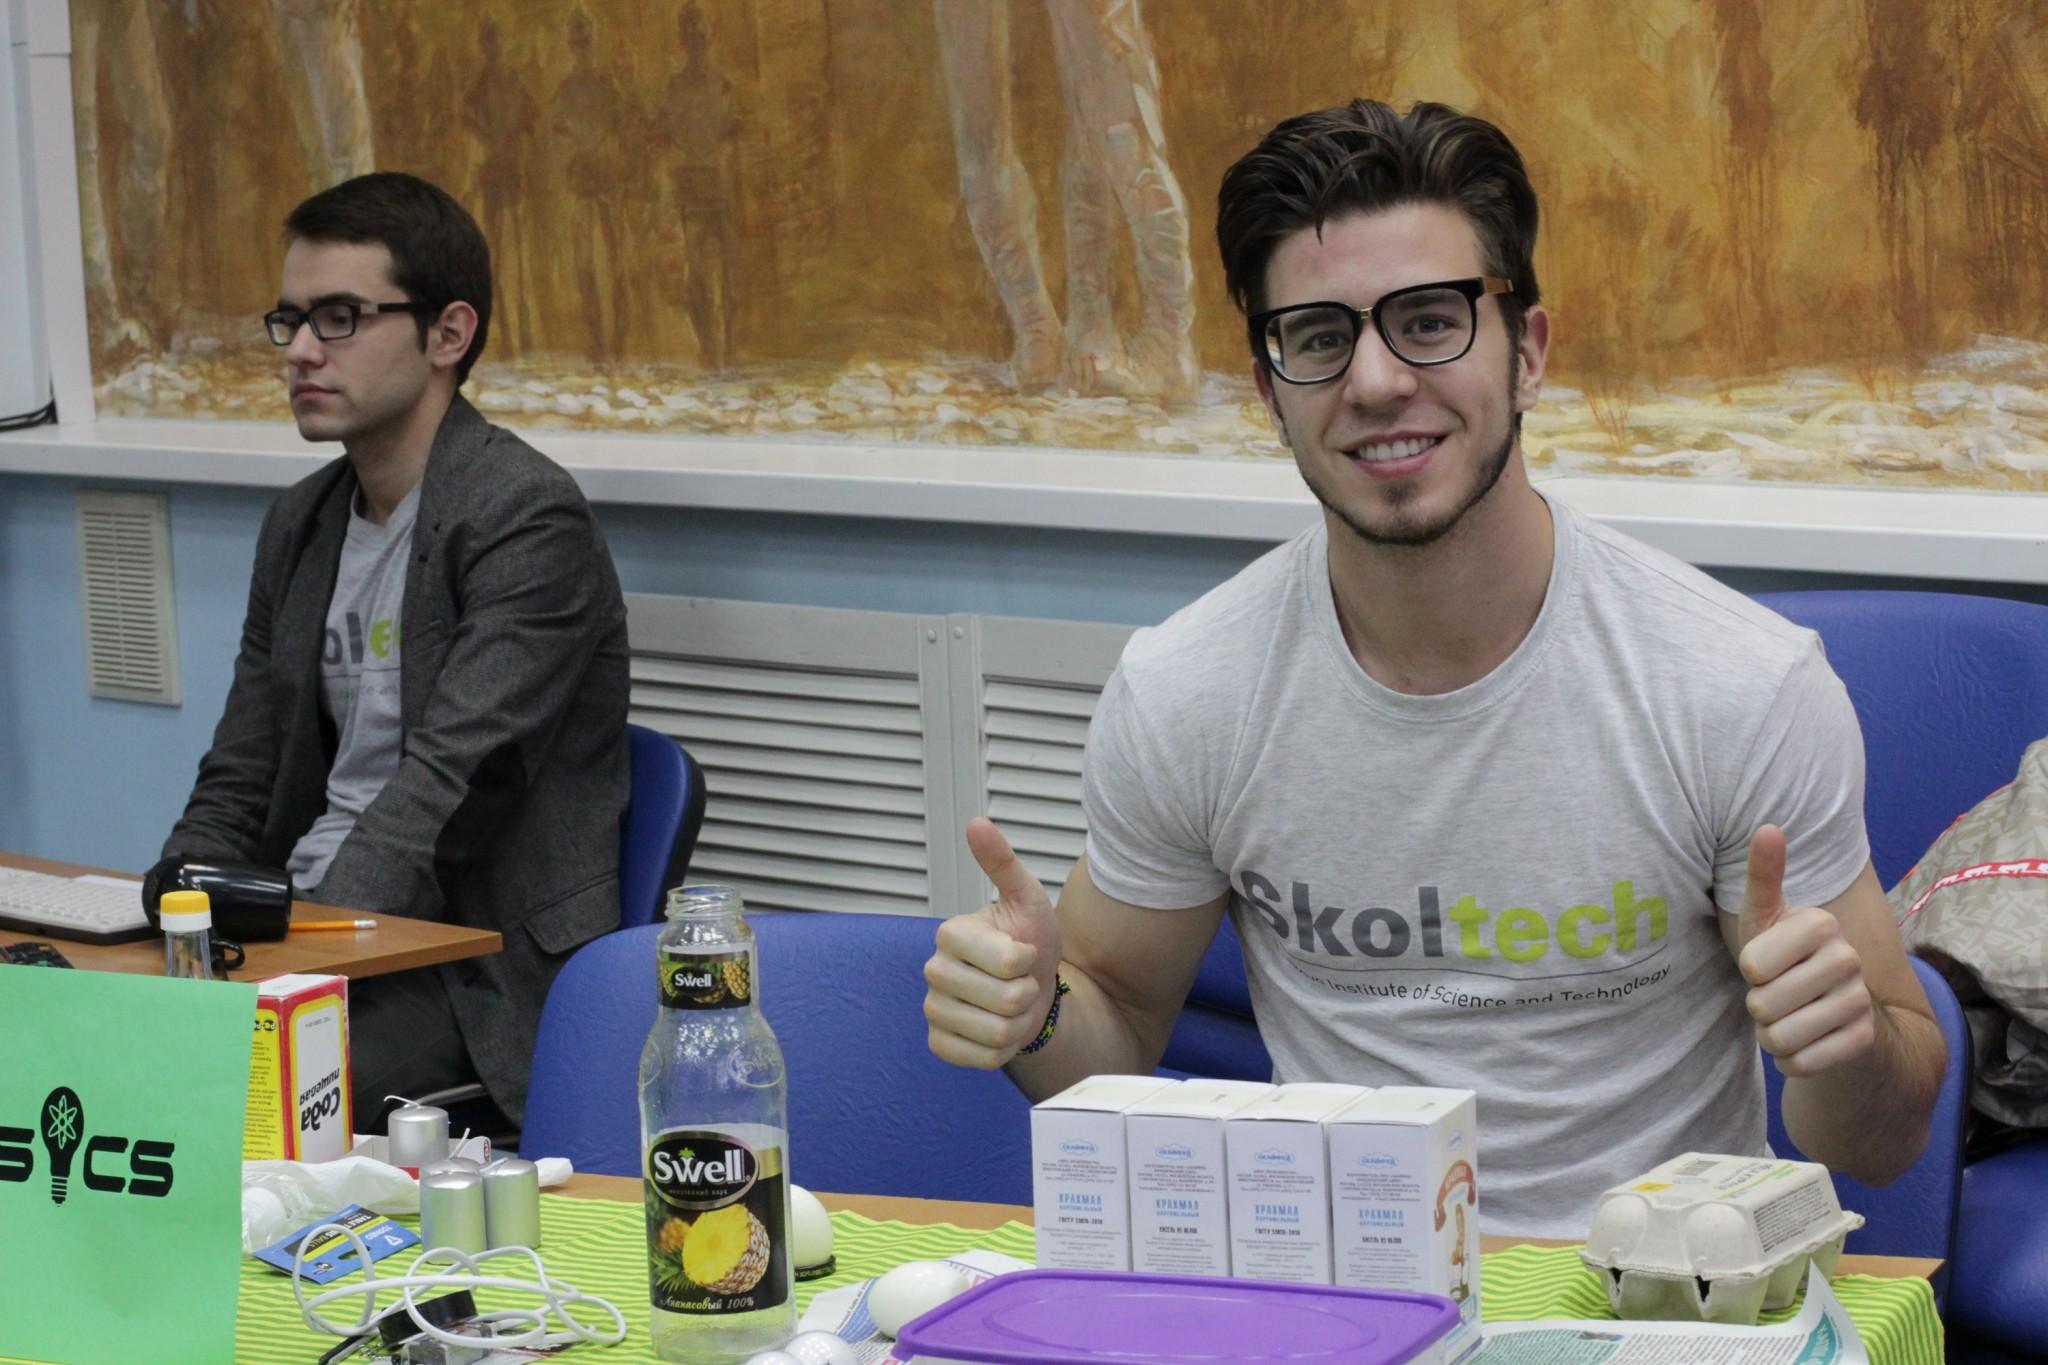 Skoltech students Charles Bellina (right) and Oleg Sudakov man the physics station. Photo: Skoltech.